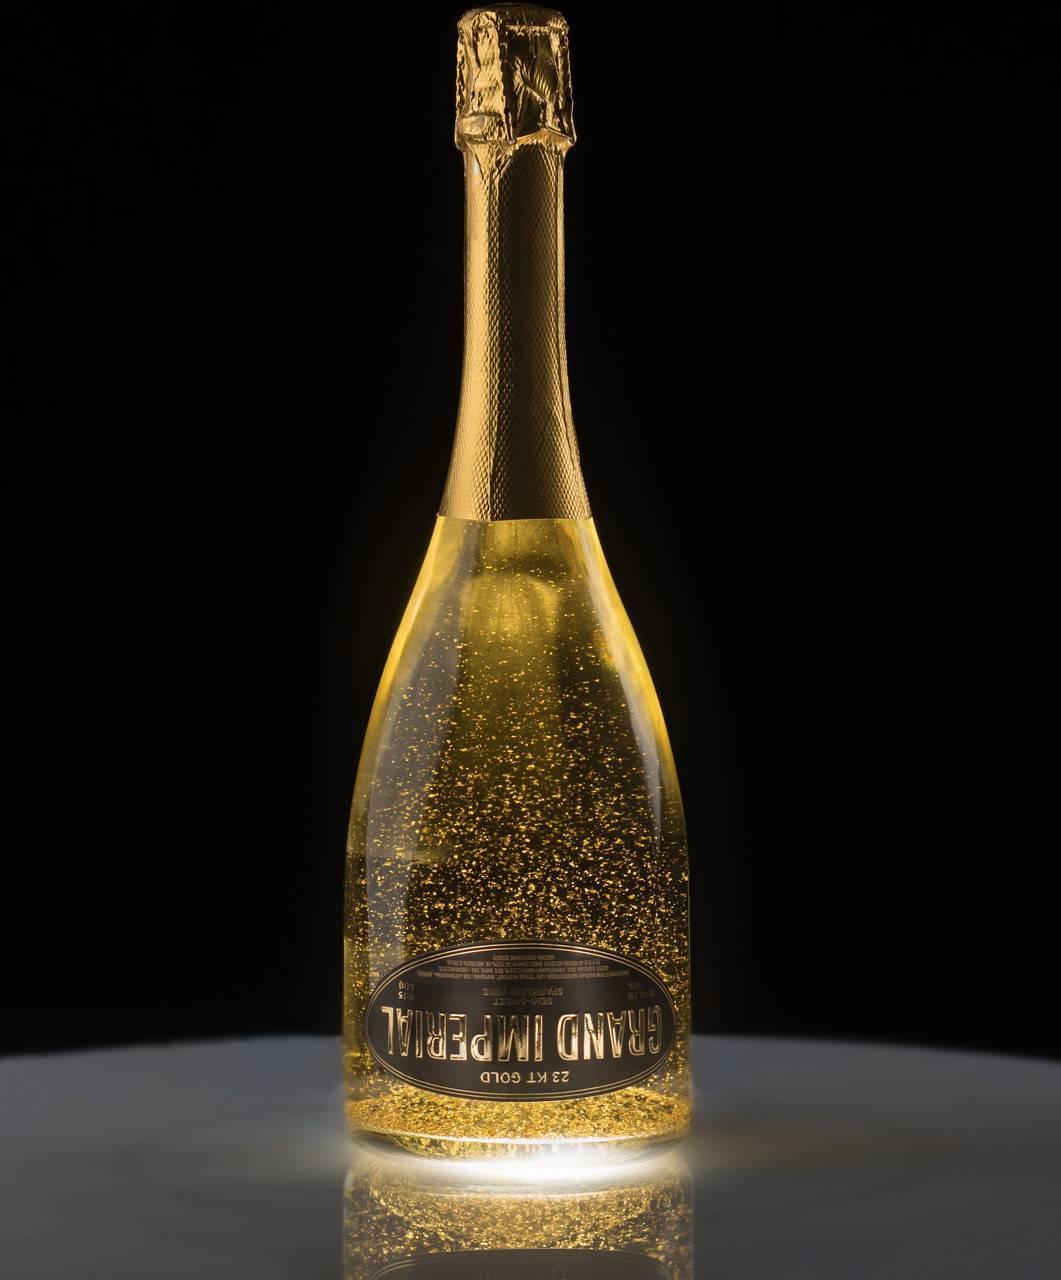 Голубое шампанское: синее игристое вино с блестками, описание blue напитка, особенности производства и употребления